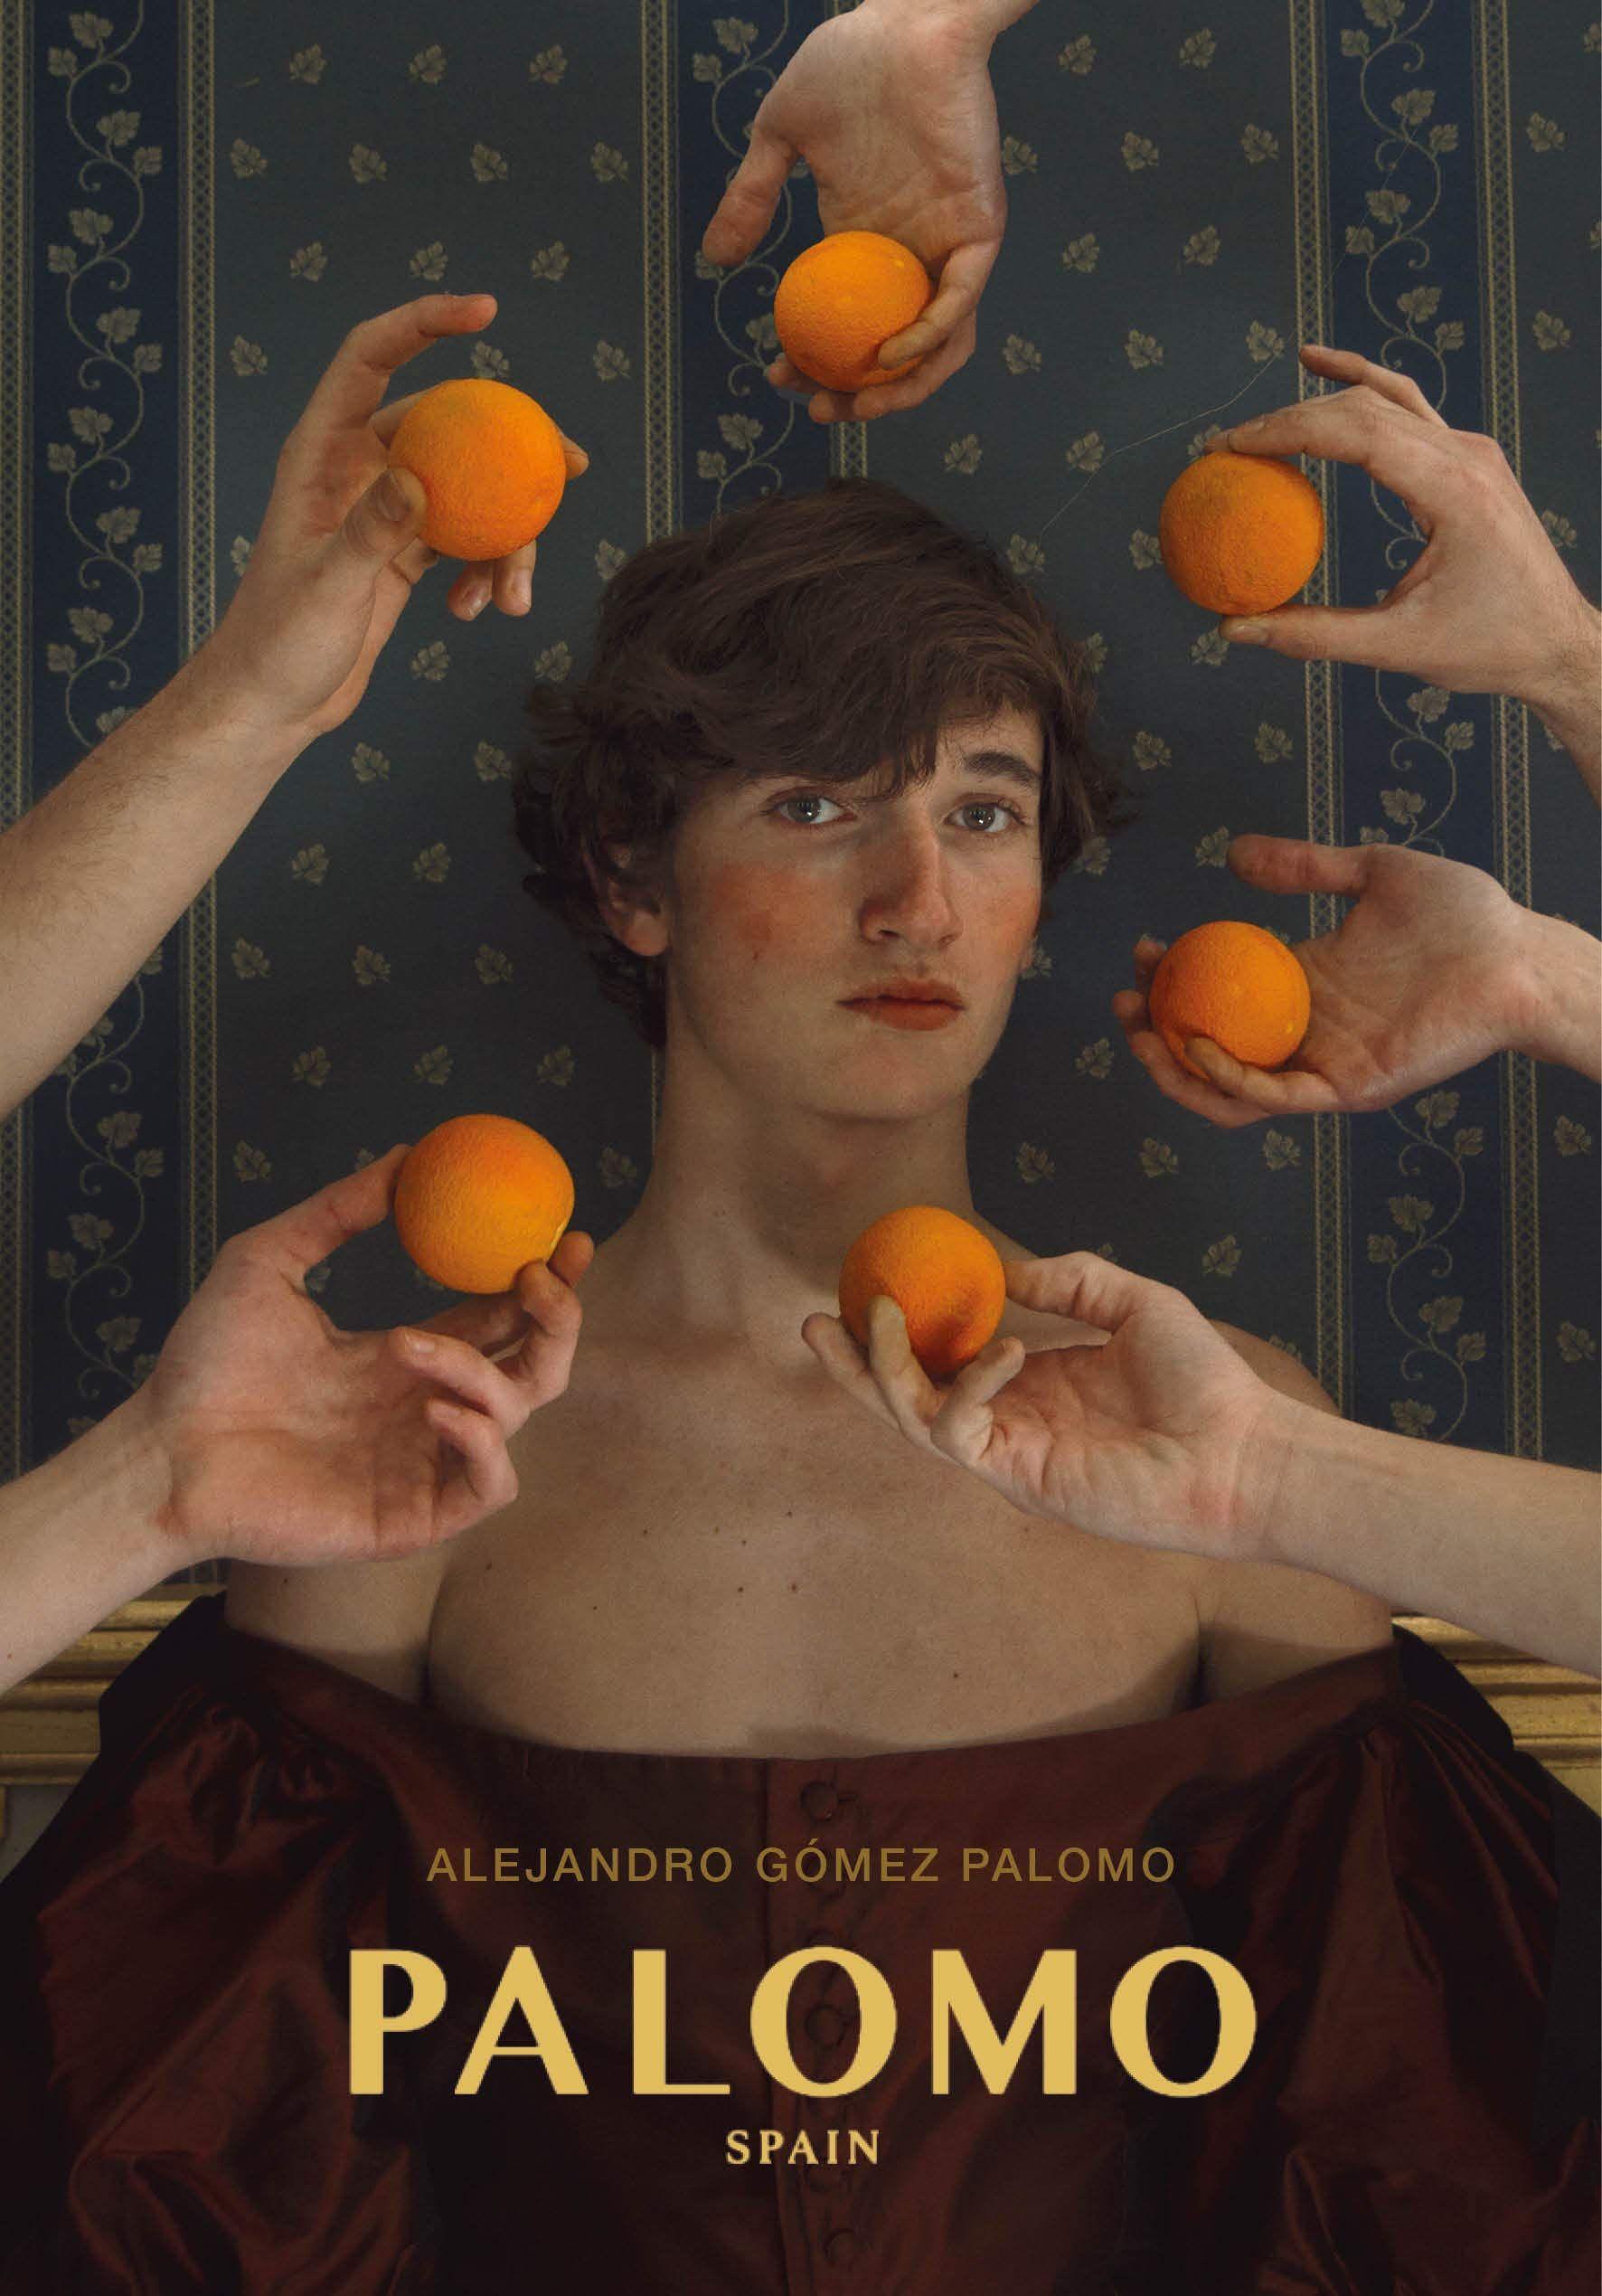 Photo of Palomo Spain